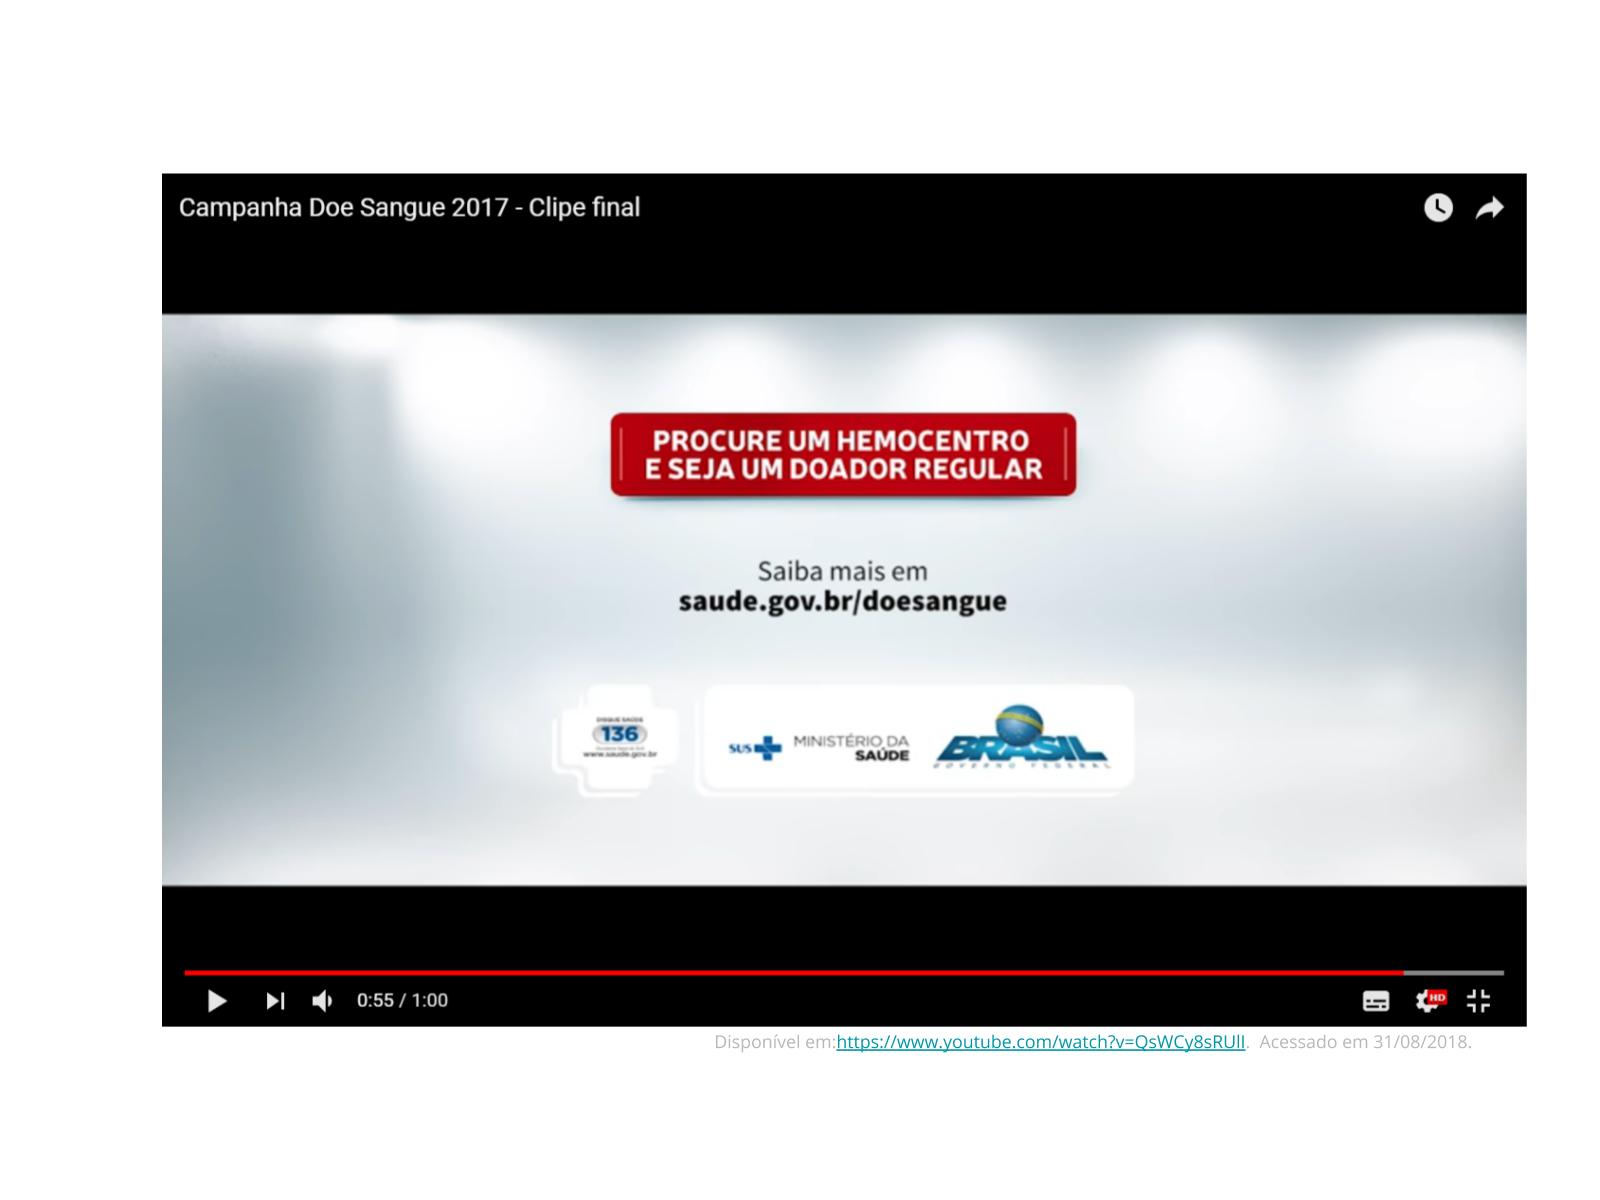 A linguagem persuasiva nas propagandas em vídeo